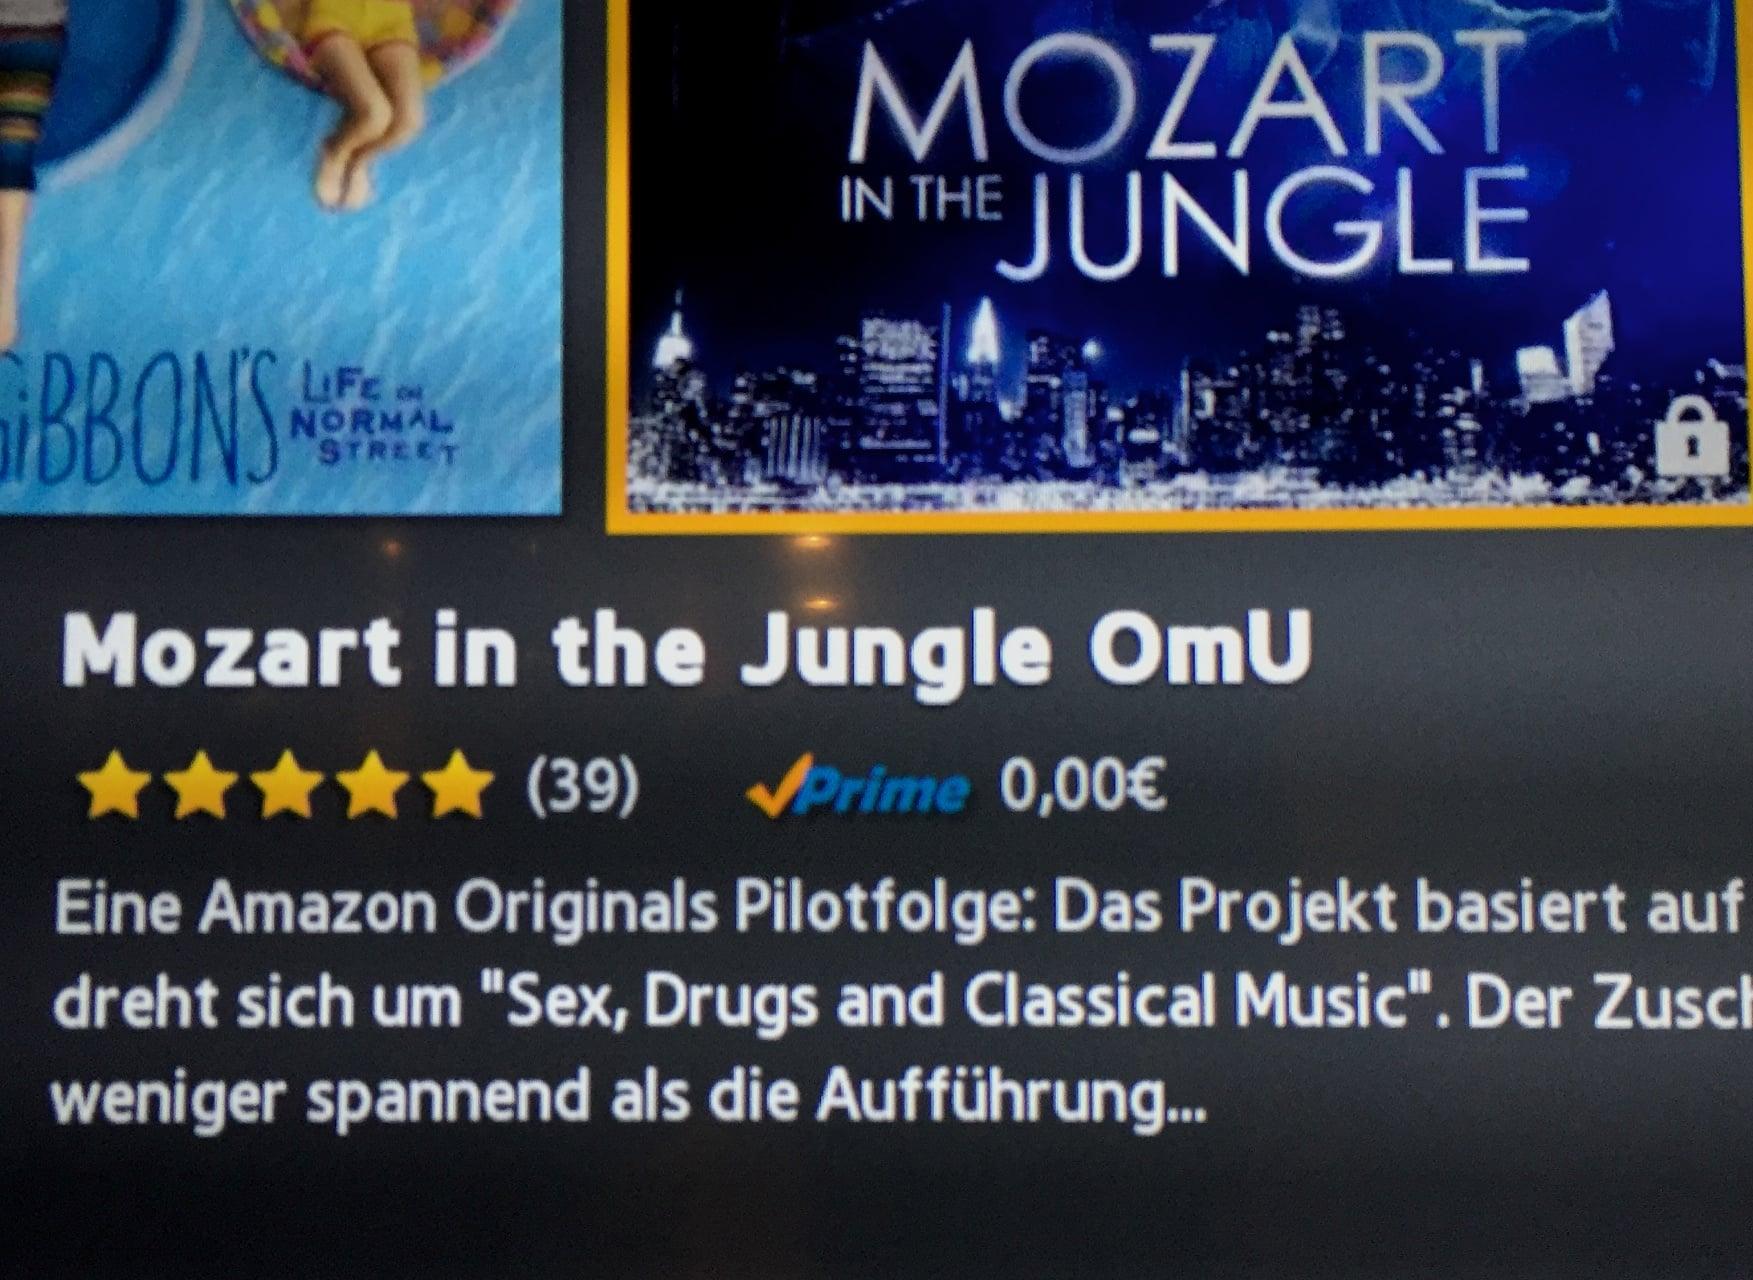 Markierung OmU an einem Film